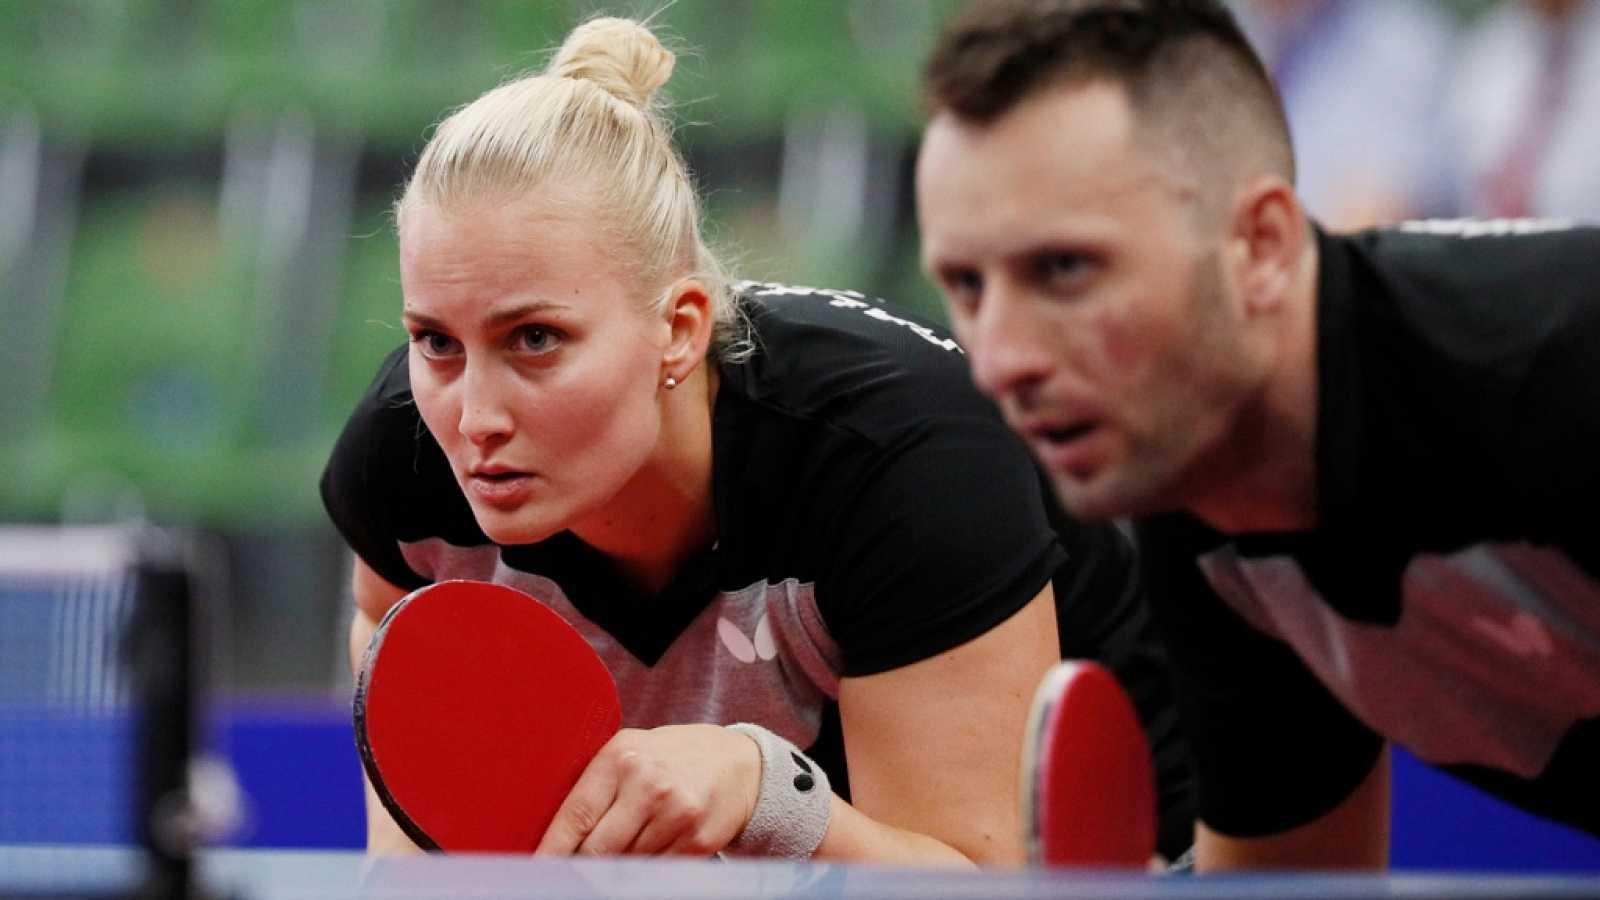 Juegos Europeos Minsk - Tenis de Mesa Dobles Mixtos Bronce y Final - ver ahora